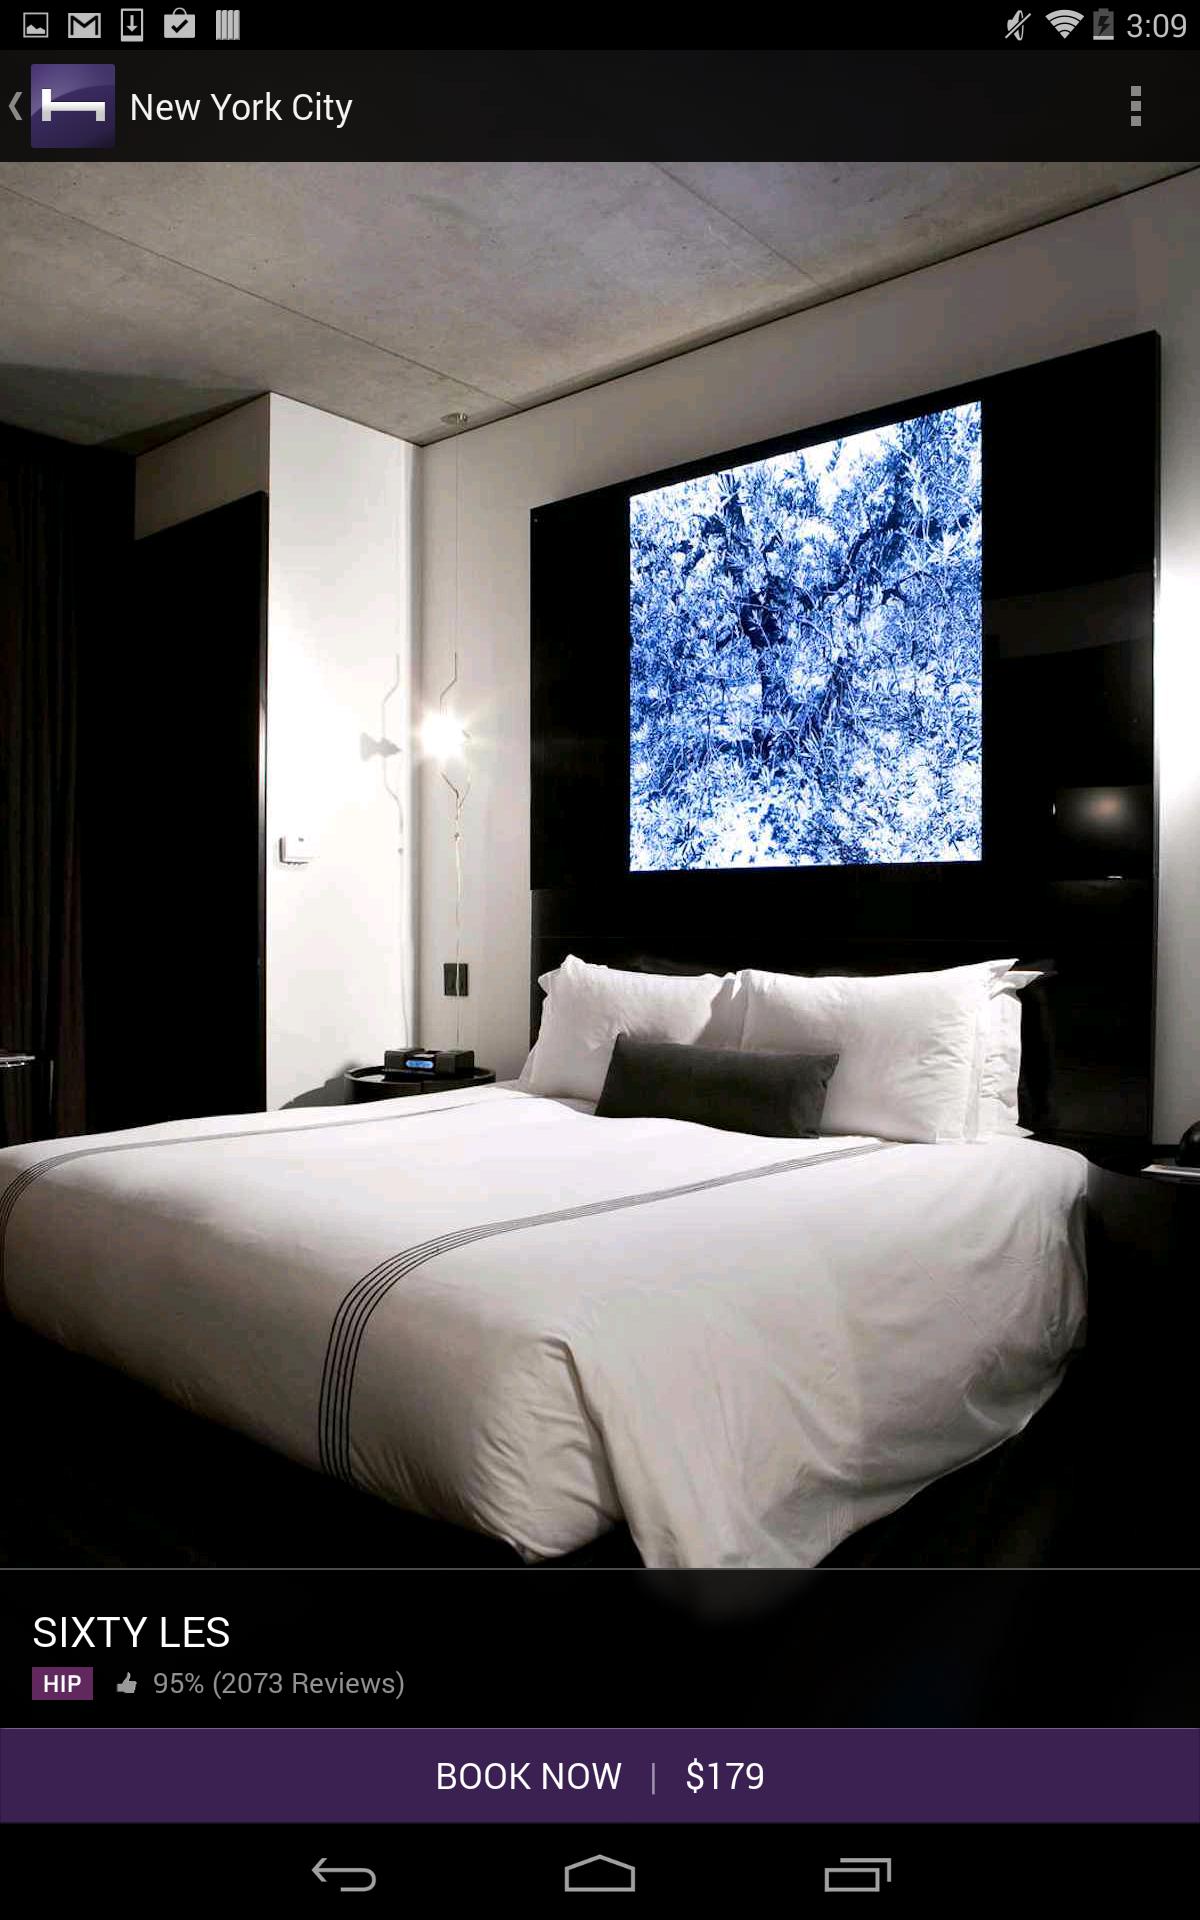 Viaggiare da soli a basso costo con HotelTonight